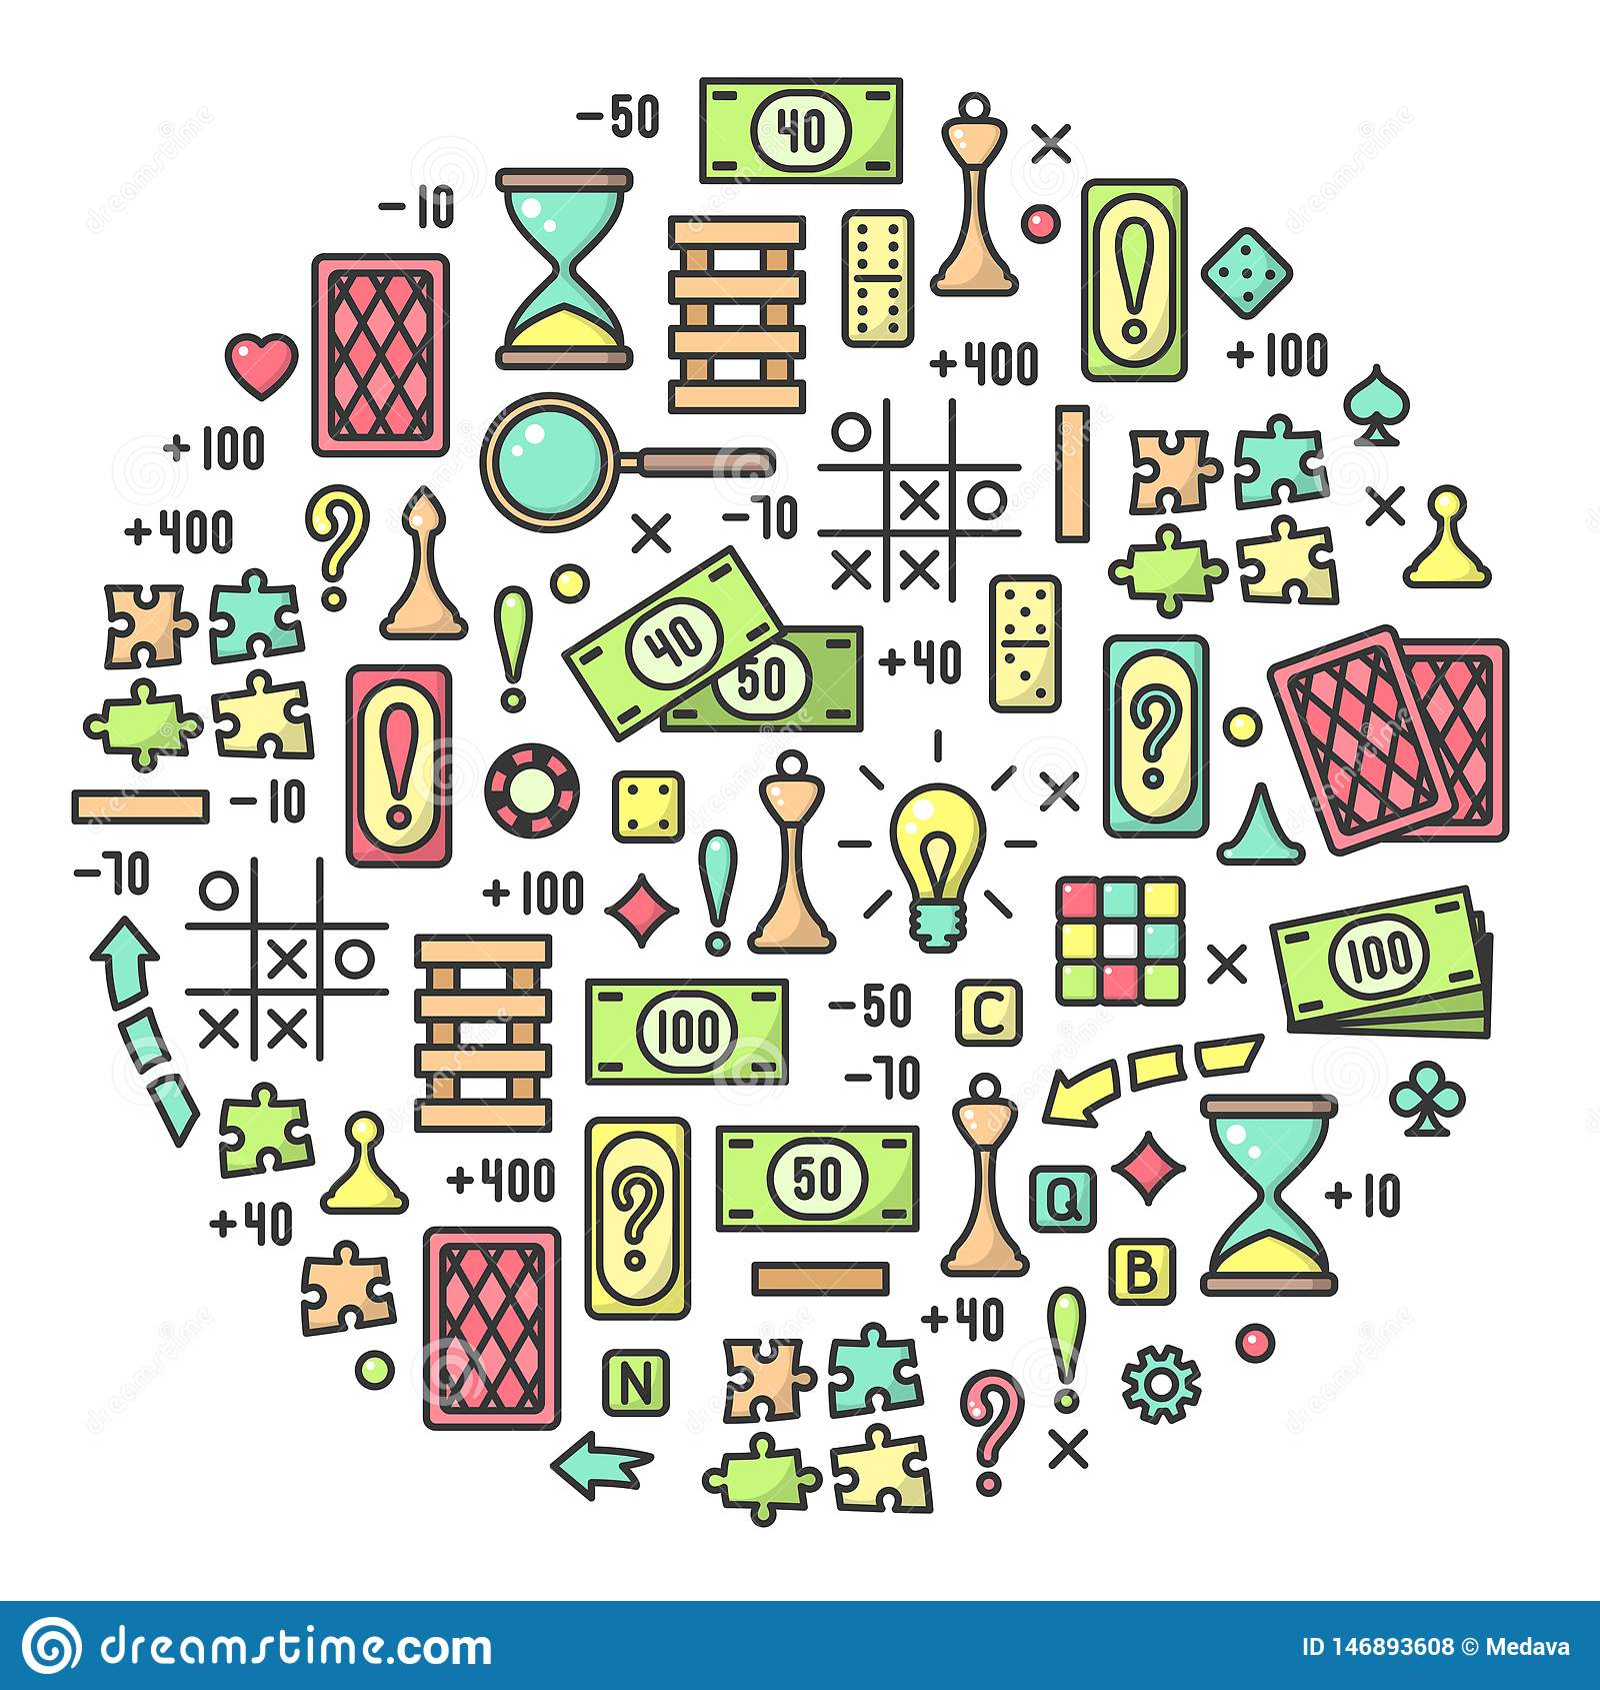 Στρογγυλή έννοια με τις πολύχρωμες ιδιότητες επιτραπέζιων παιχνιδιών